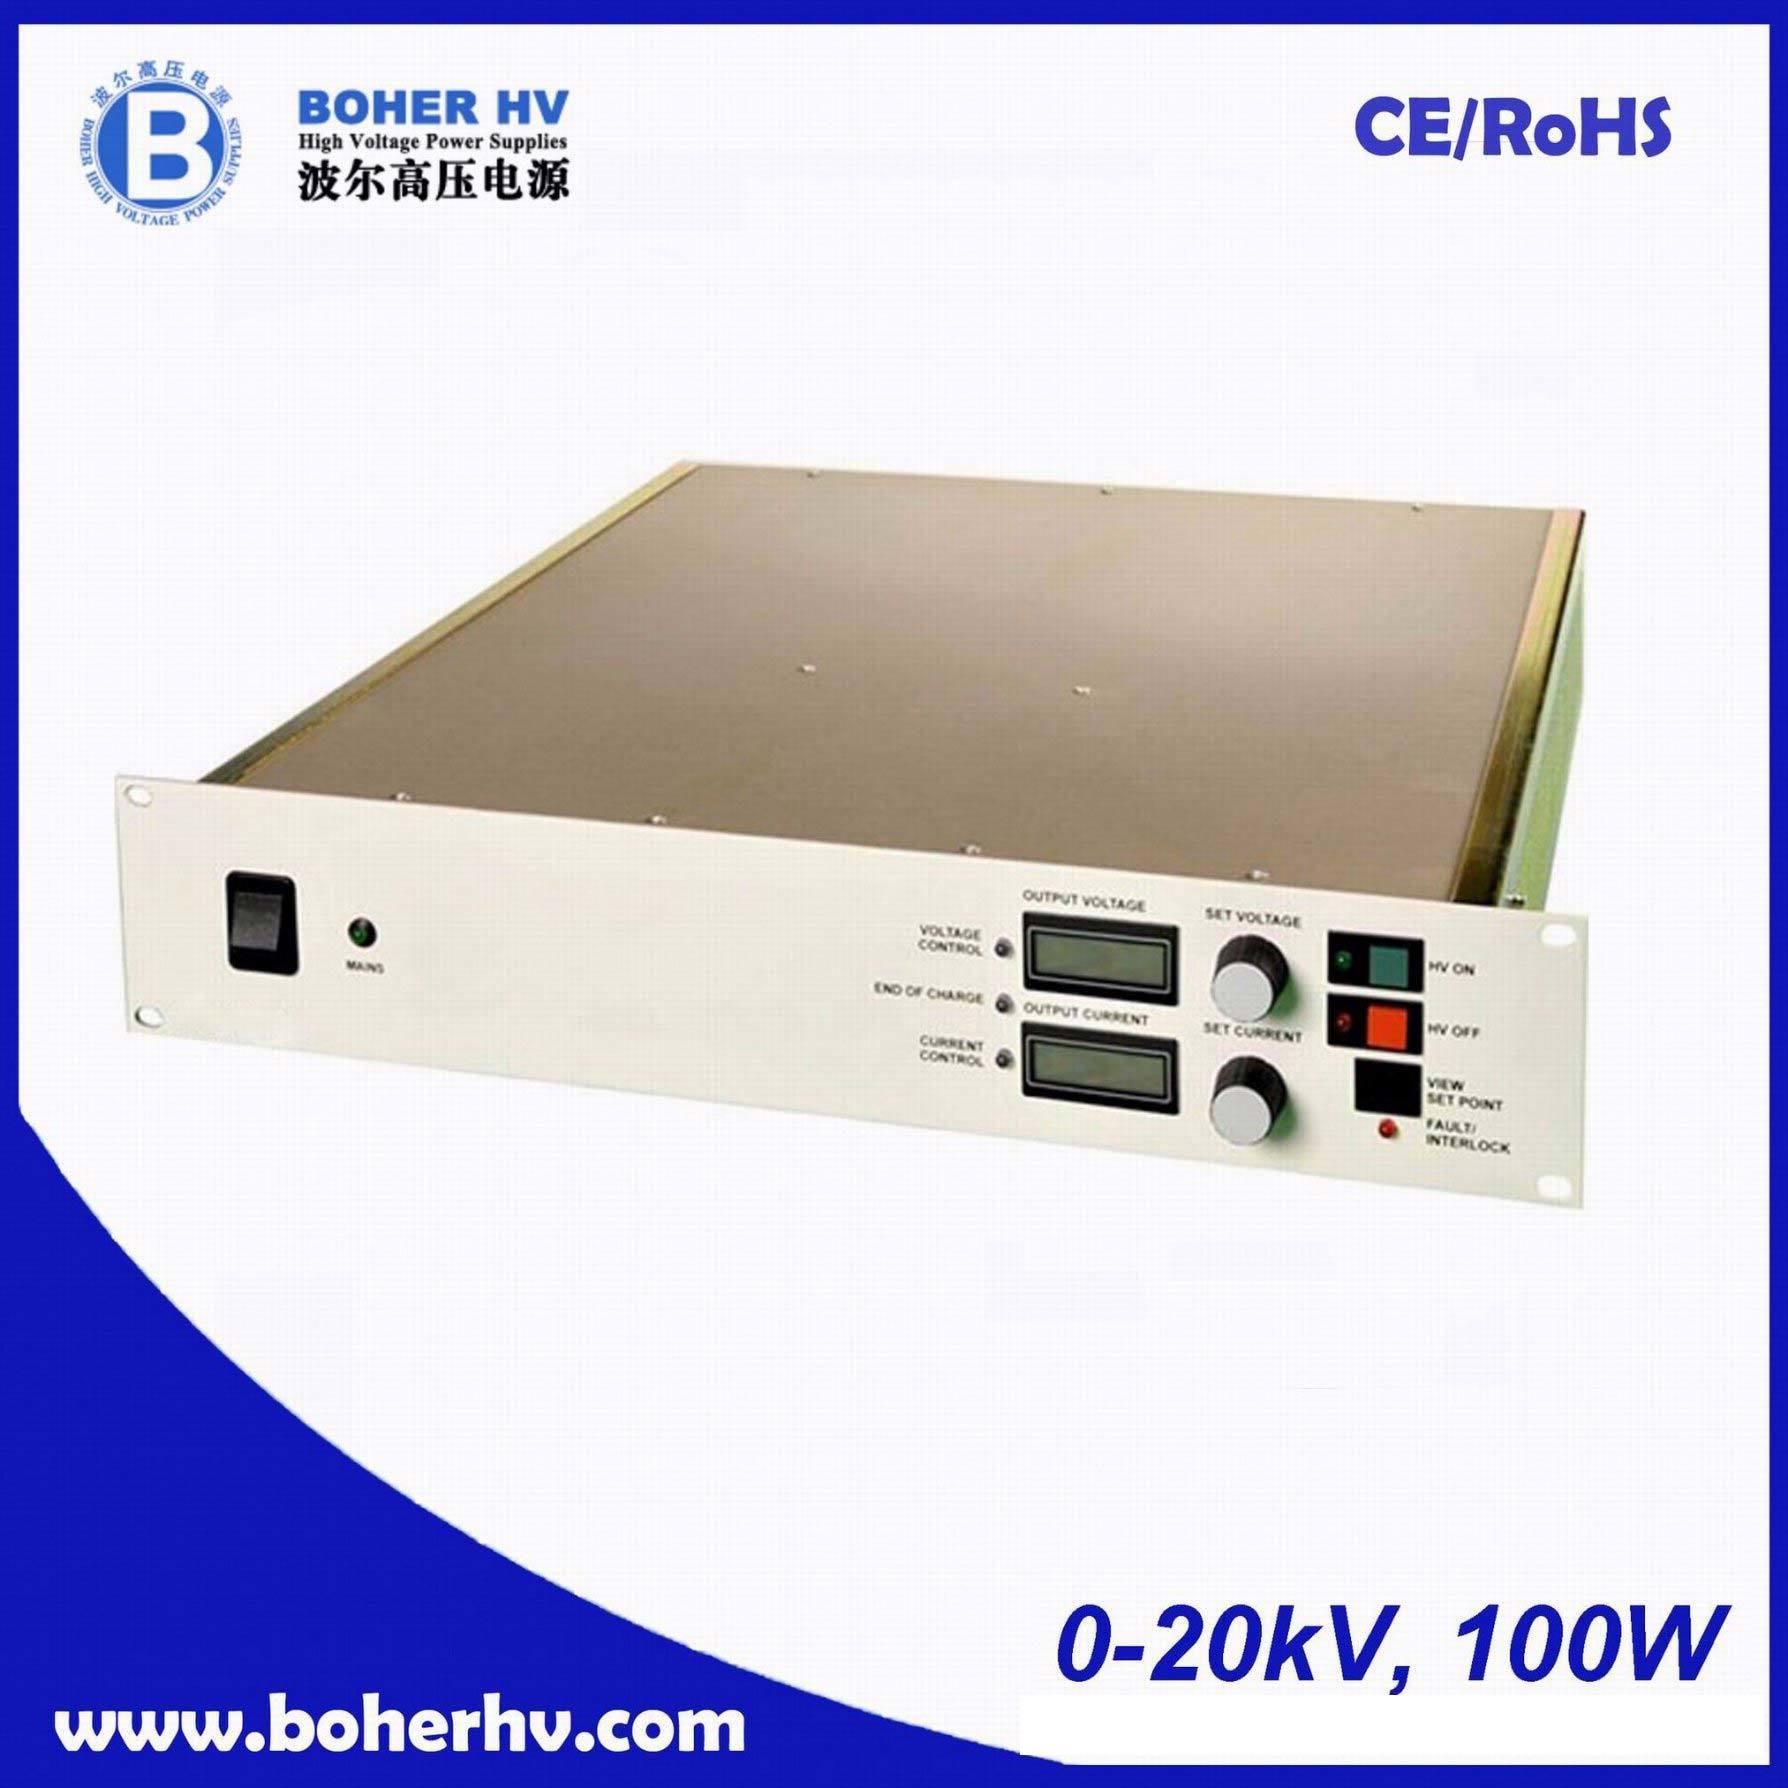 High Voltage Power Supply 100W 0-20kV